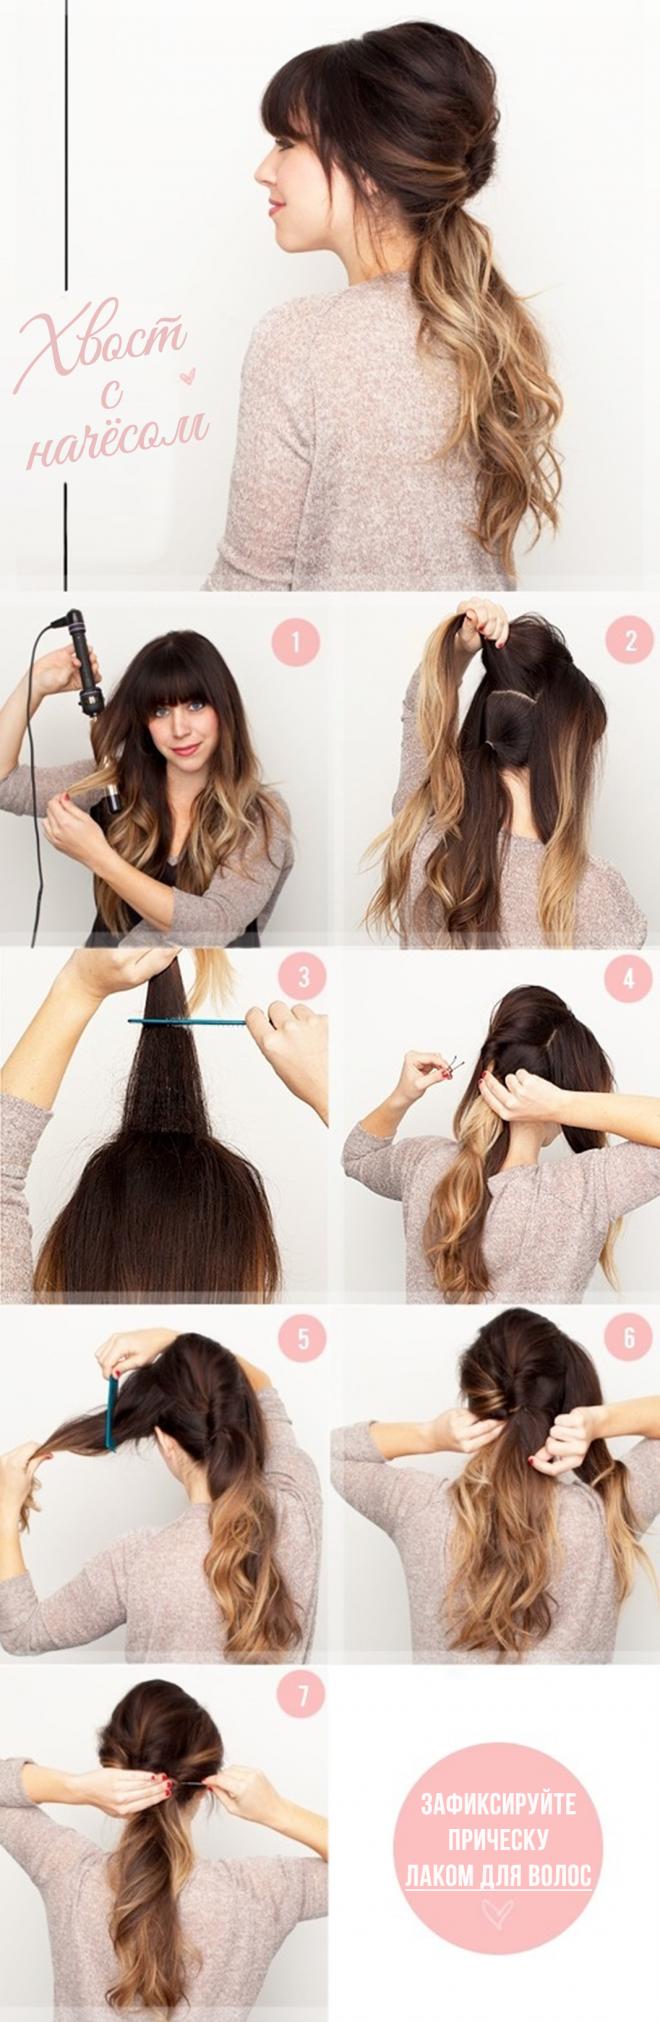 Прическа для длинных волос с челкой в домашних условиях